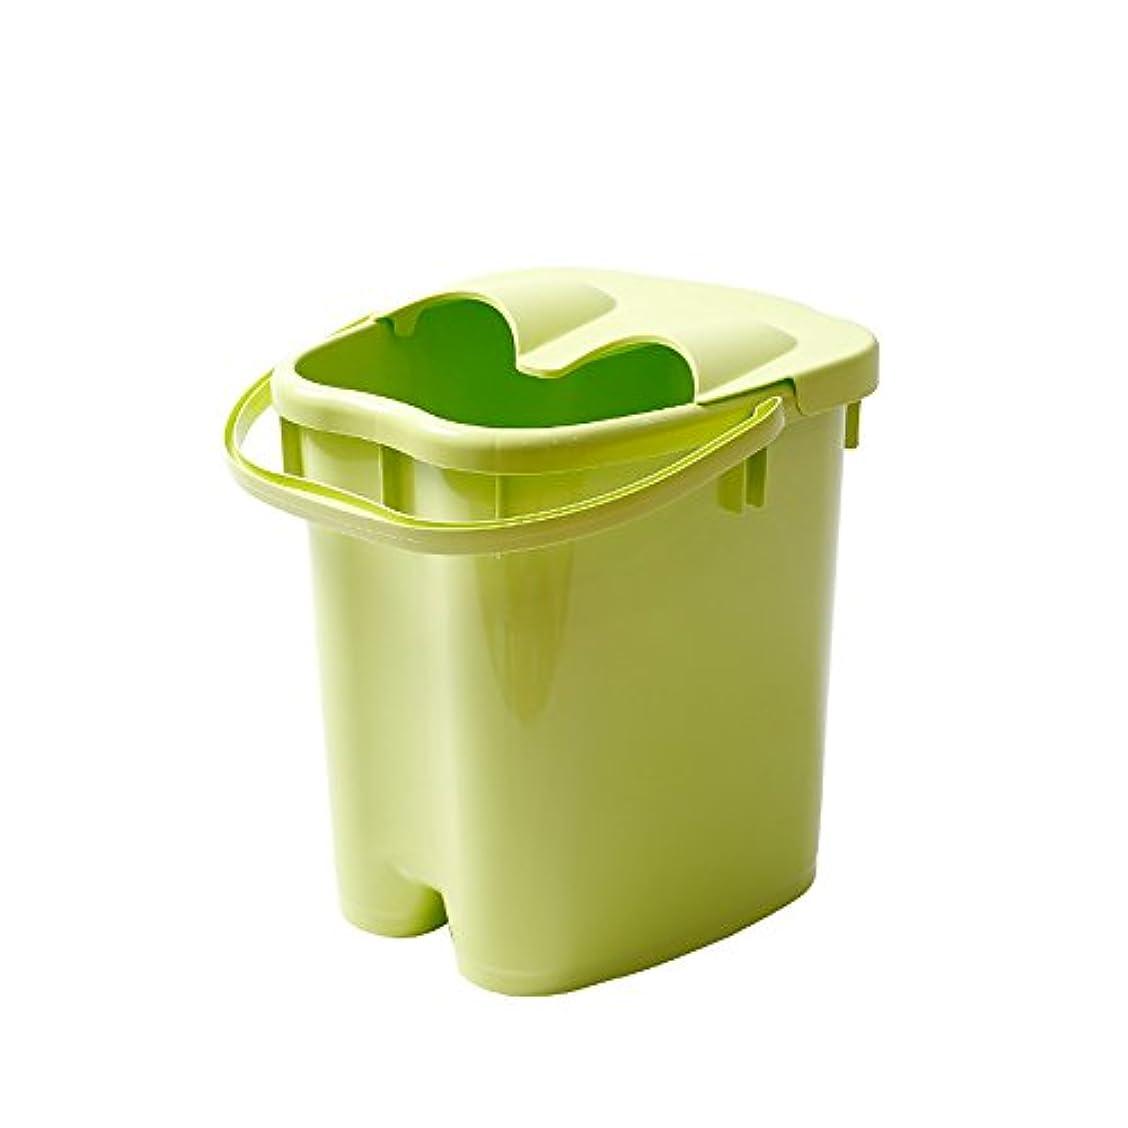 トレーダー個人落とし穴フットバスバレル厚いプラスチックマッサージフットバスは、家庭の足湯20Lの大容量高水レベルを高め22 * 30 * 40センチメートル (色 : Green)